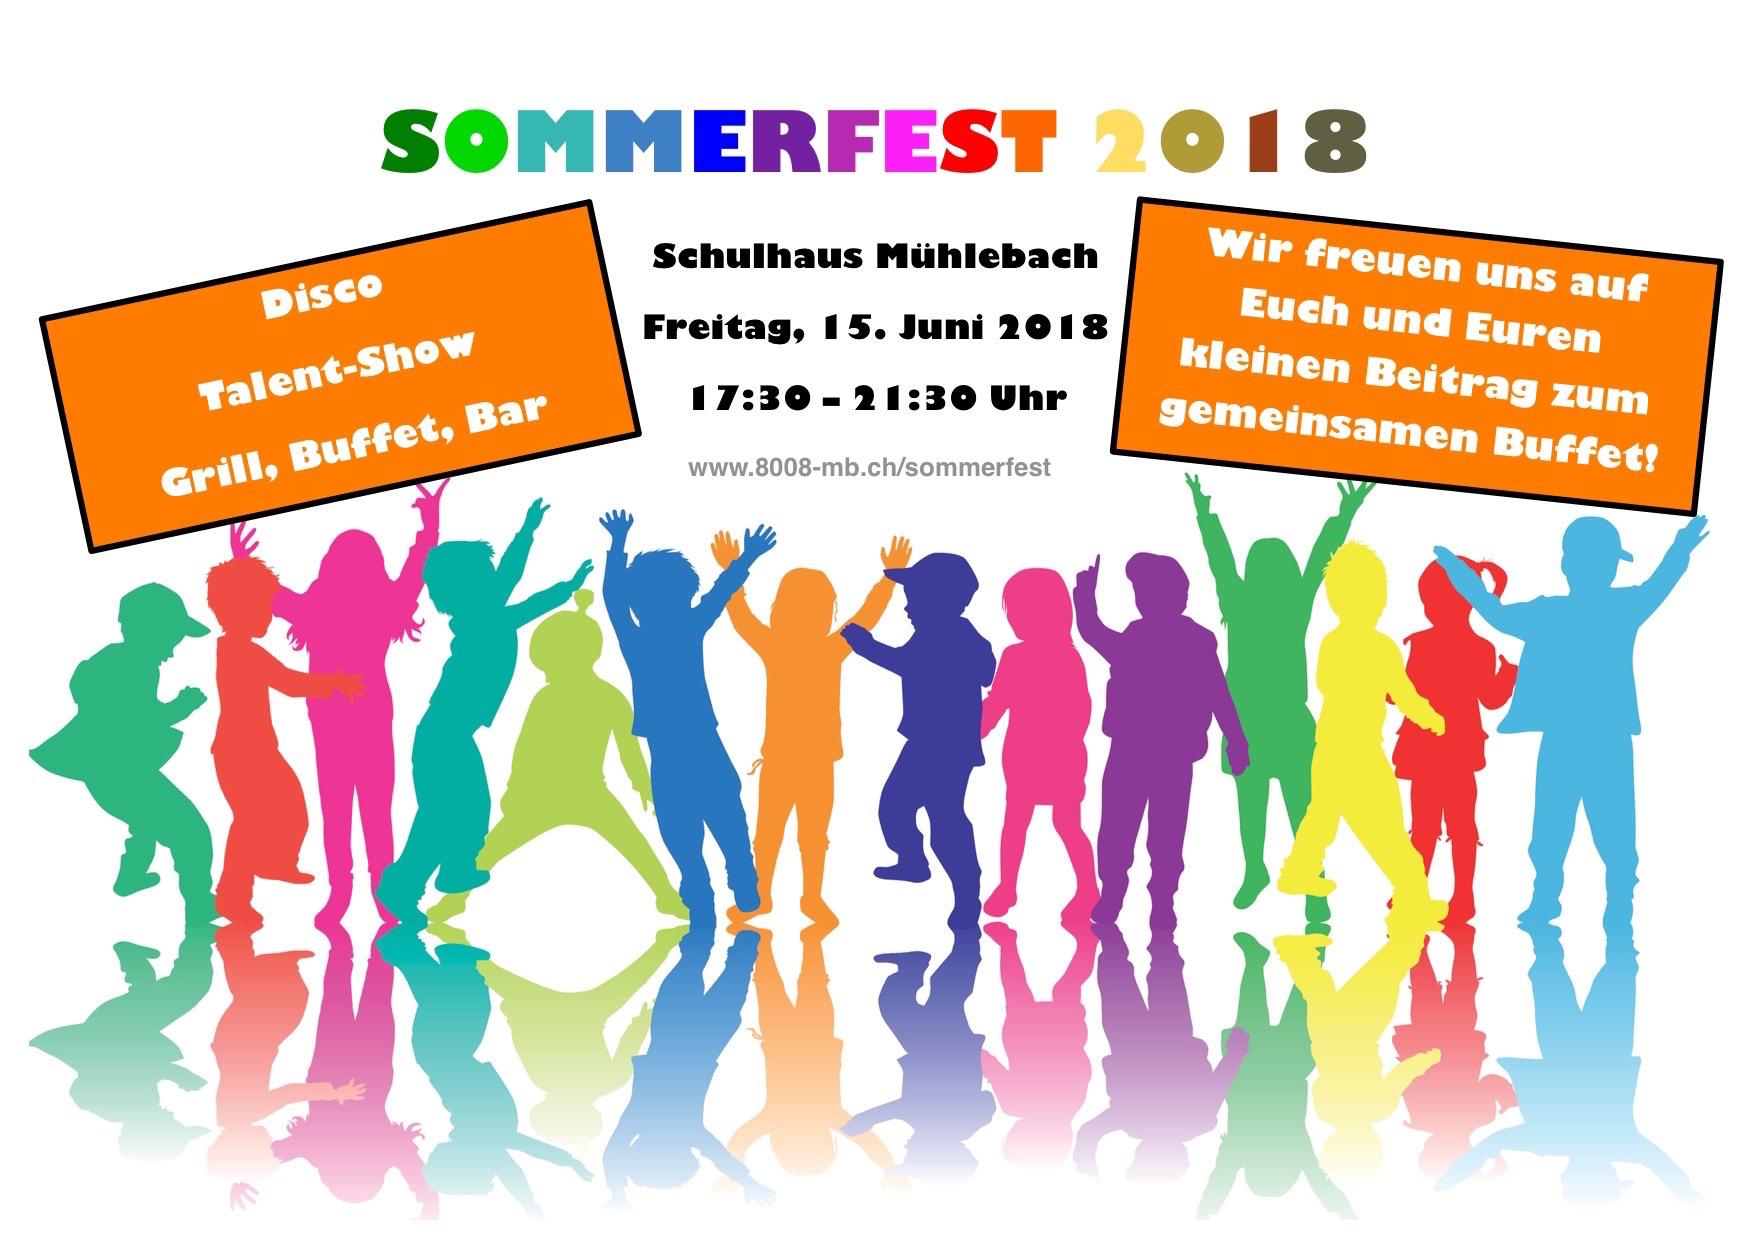 Sommerfest 2018 Einladung.jpg